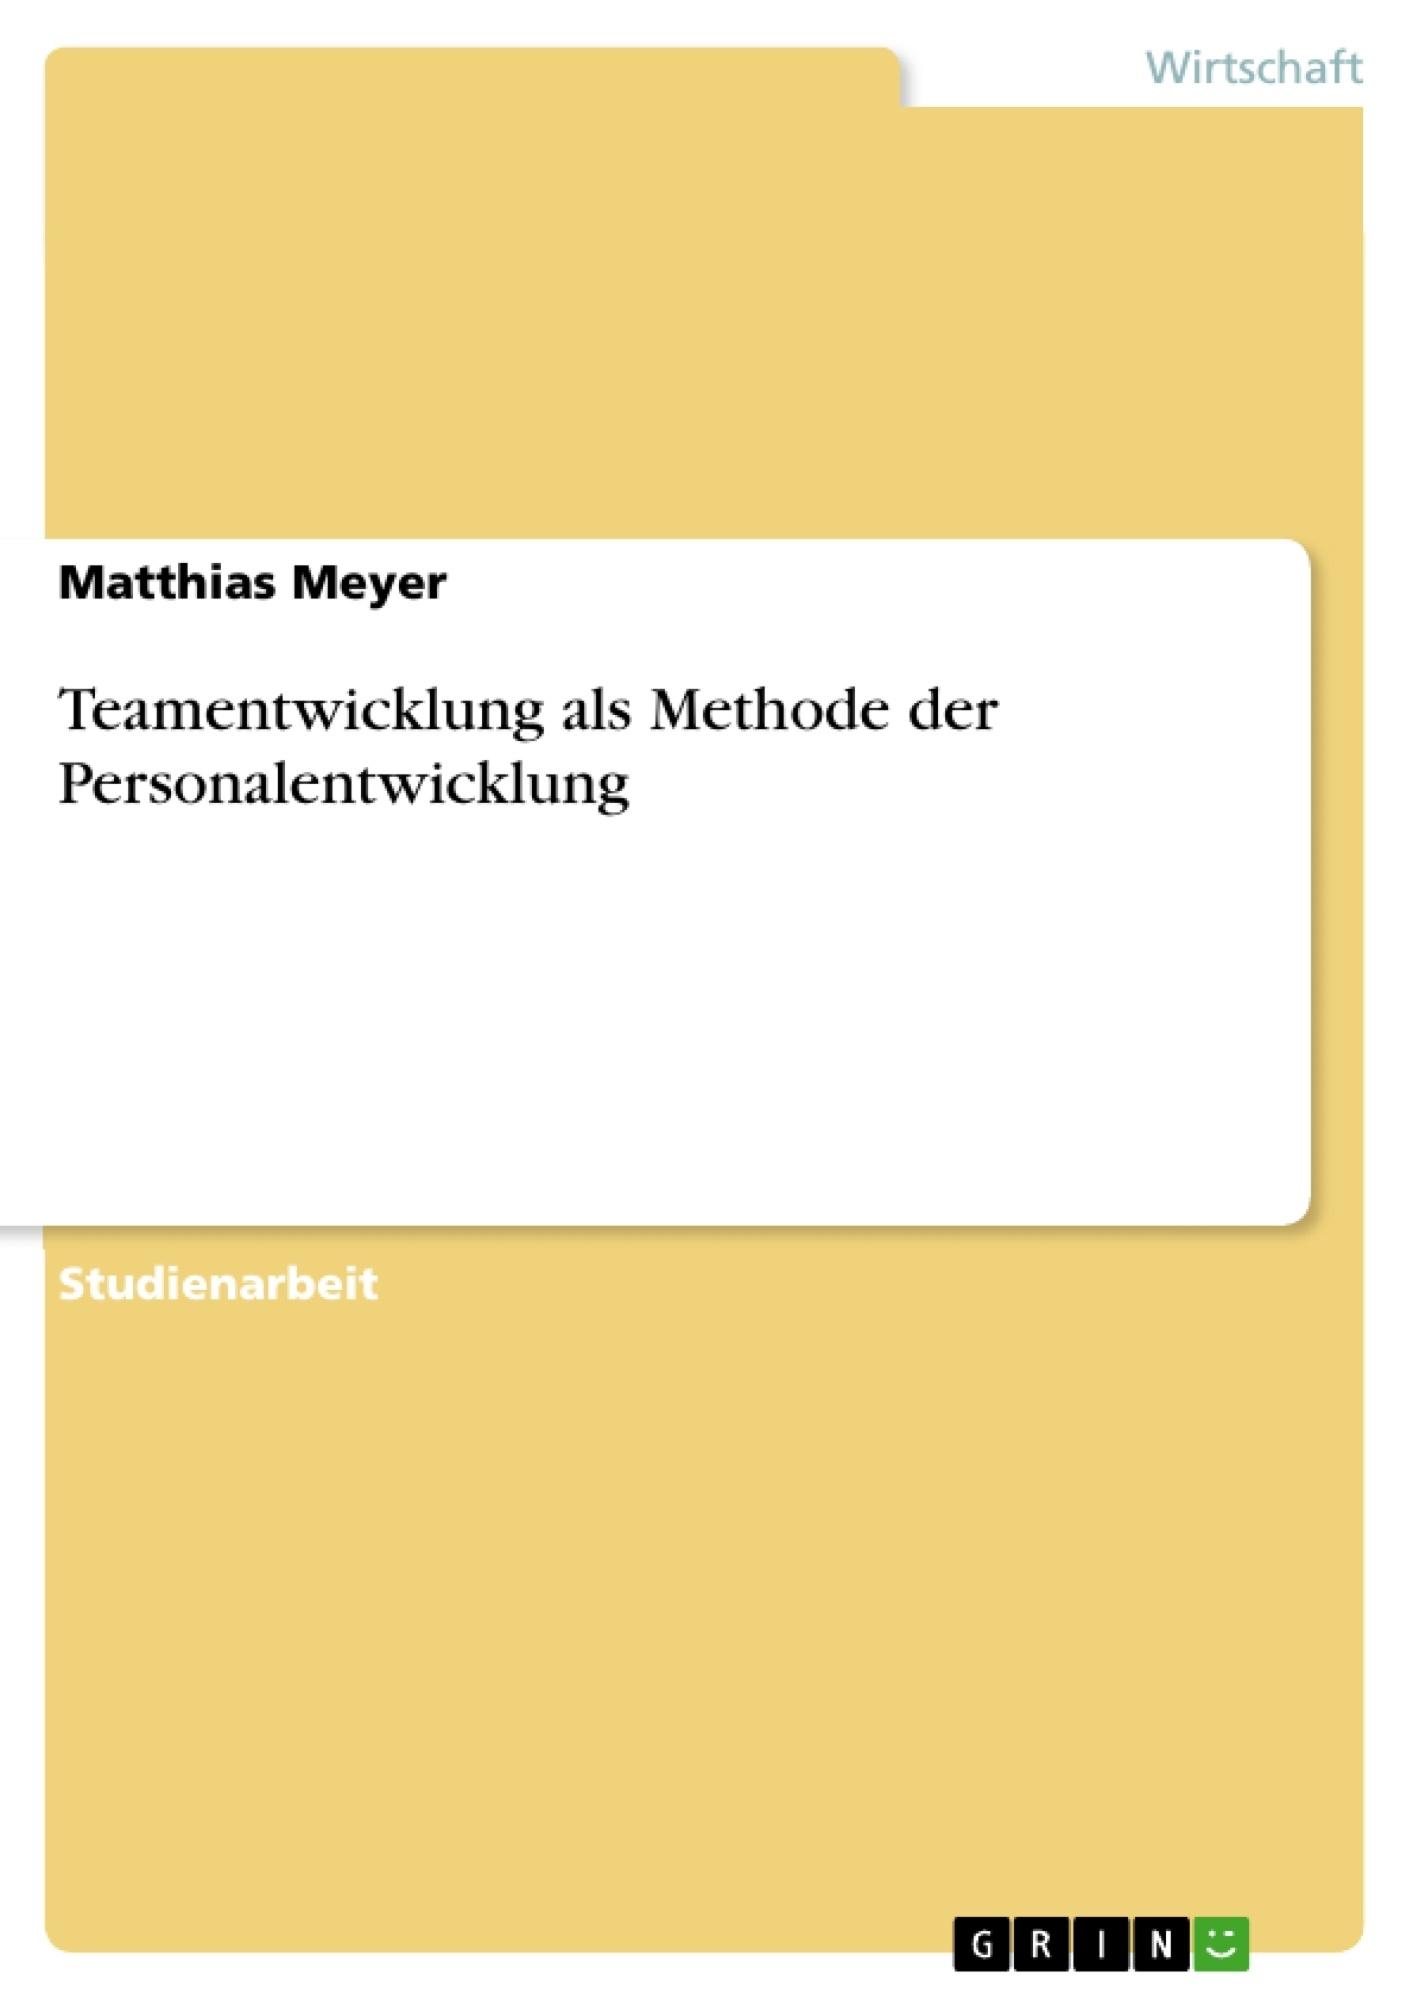 Titel: Teamentwicklung als Methode der Personalentwicklung